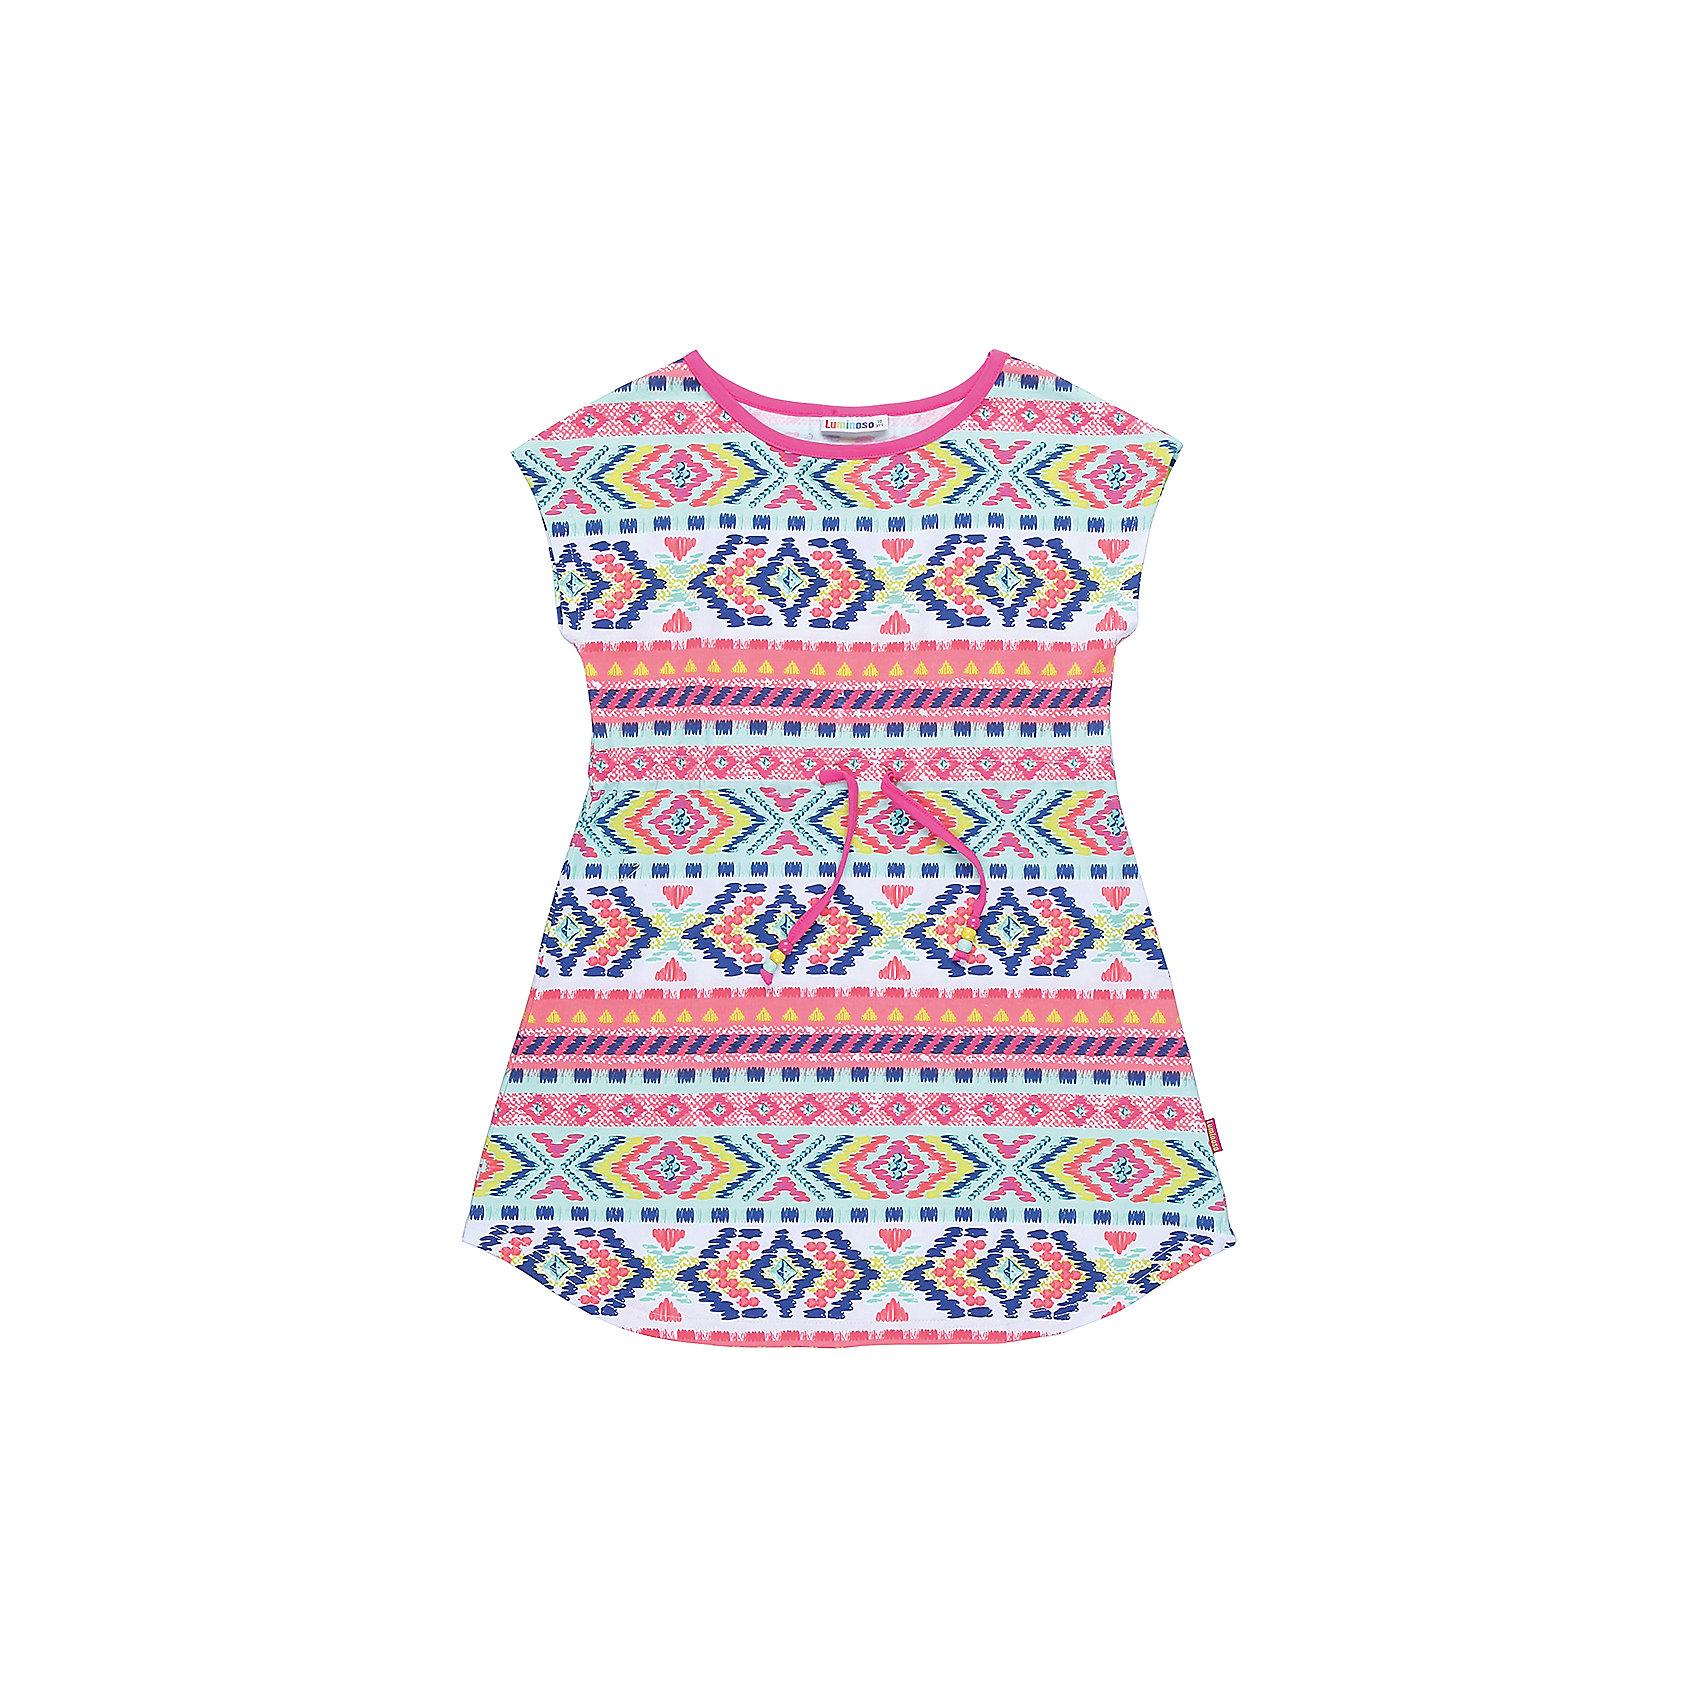 Платье для девочки LuminosoПлатья и сарафаны<br>Трикотажное платье для девочки из принтованной ткани с пояском. Приталенный крой.<br>Состав:<br>95%хлопок 5%эластан<br><br>Ширина мм: 236<br>Глубина мм: 16<br>Высота мм: 184<br>Вес г: 177<br>Цвет: белый<br>Возраст от месяцев: 108<br>Возраст до месяцев: 120<br>Пол: Женский<br>Возраст: Детский<br>Размер: 140,134,146,152,158,164<br>SKU: 5413626